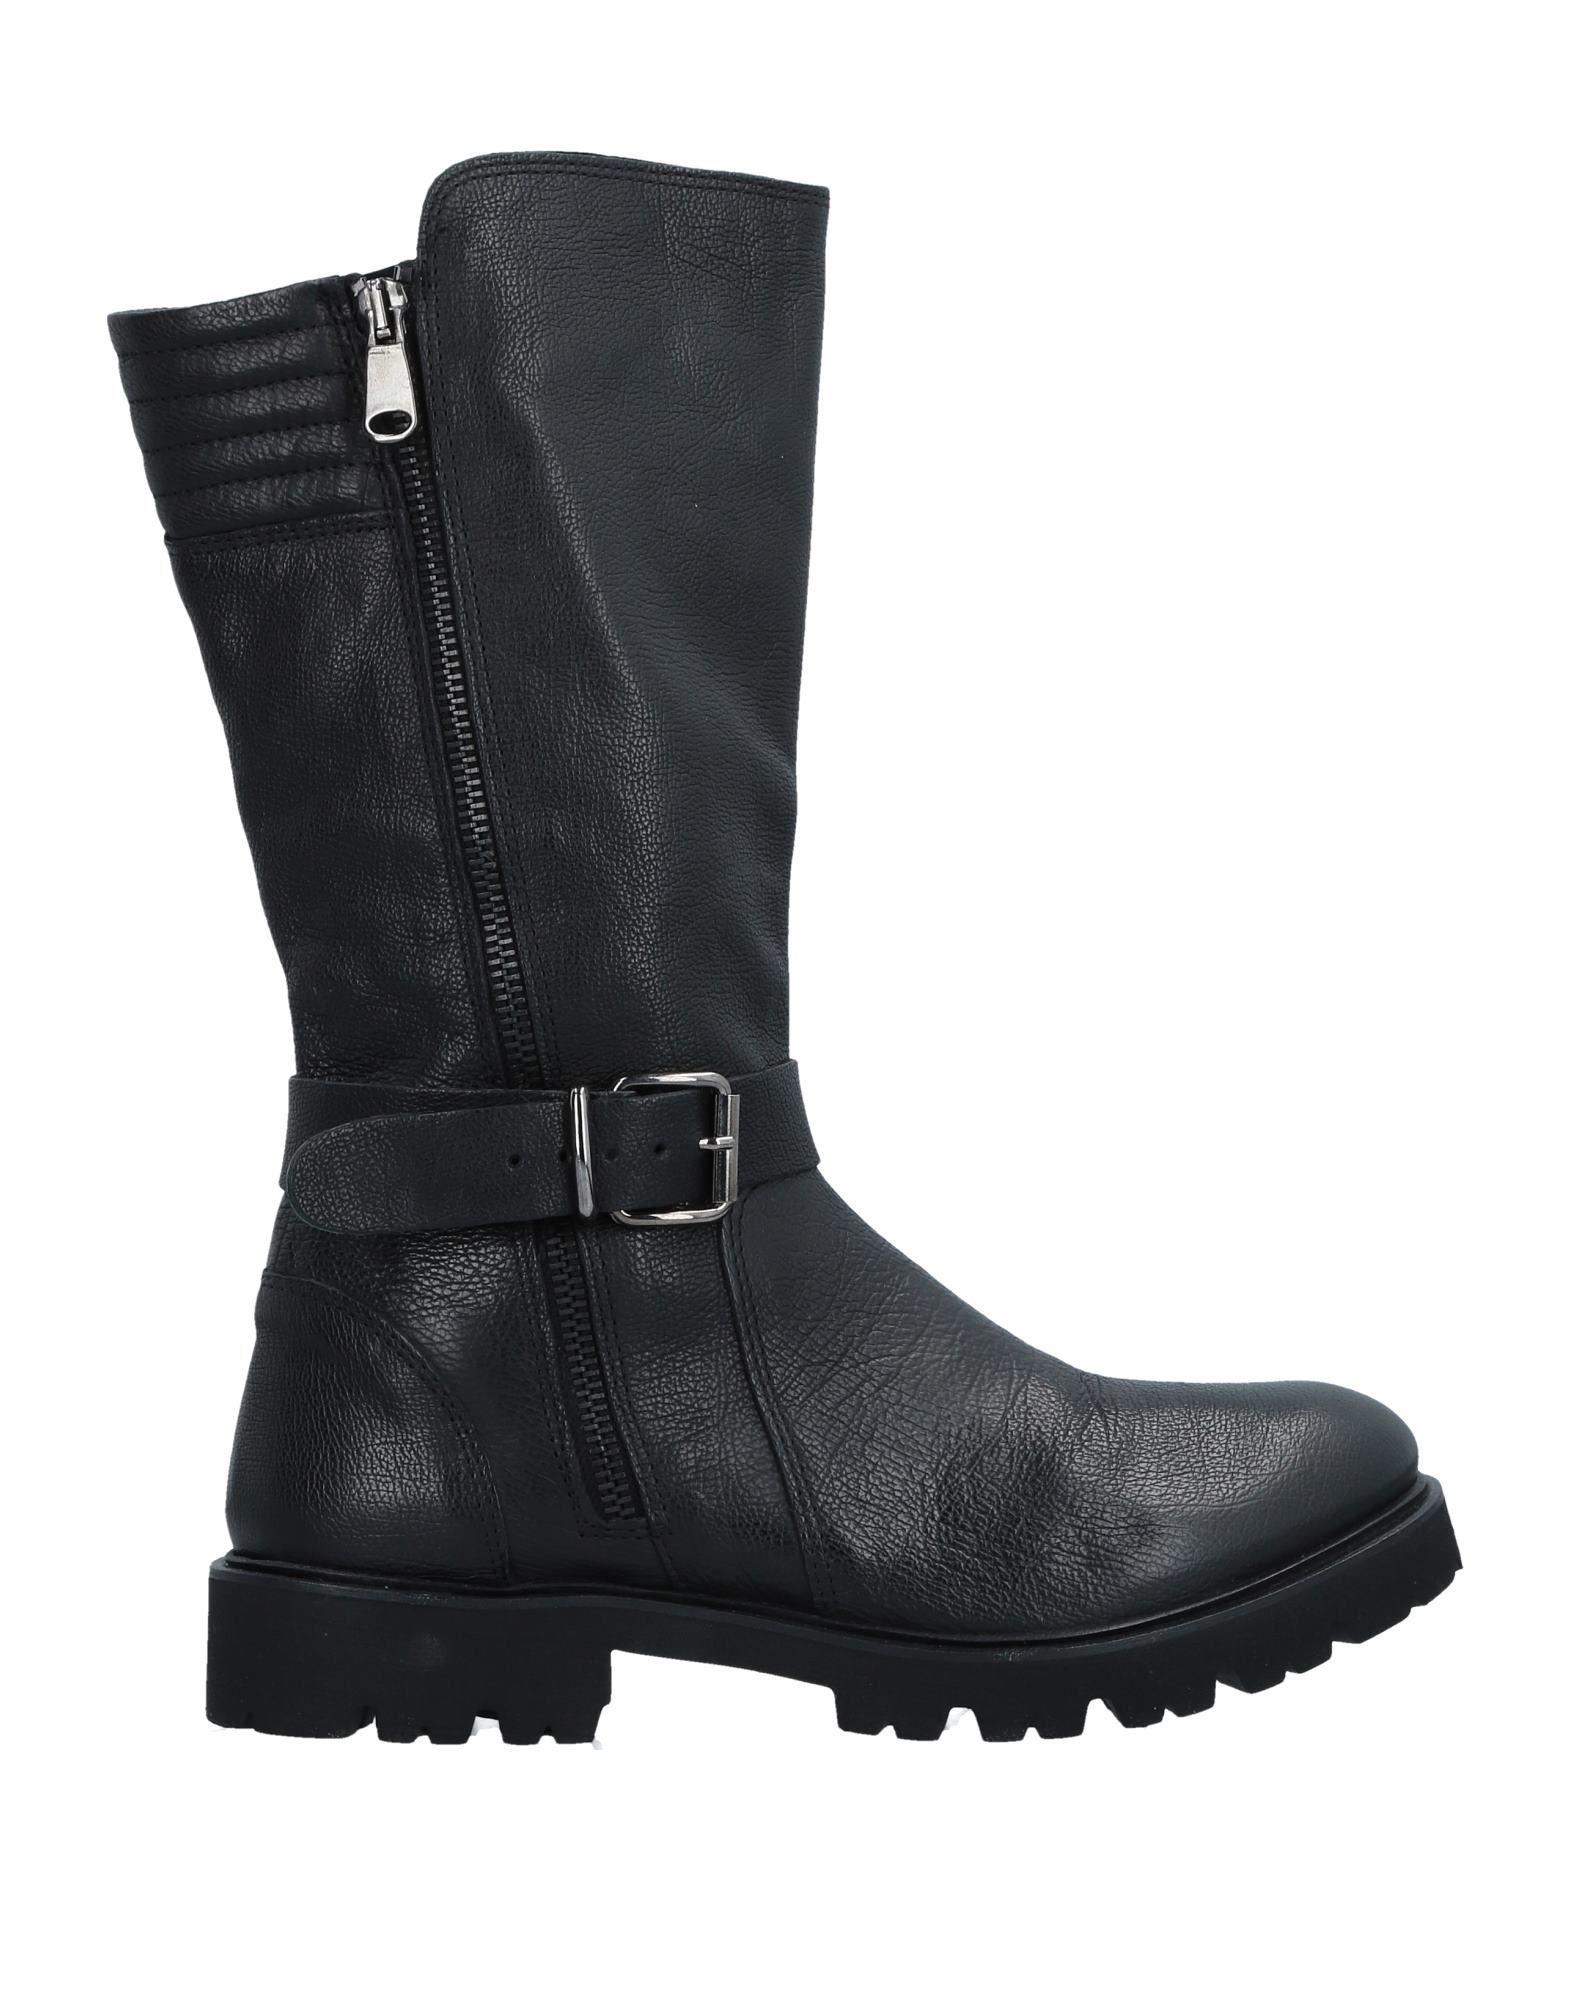 Cardiff Stiefel Damen  11516341AL Gute Qualität beliebte Schuhe